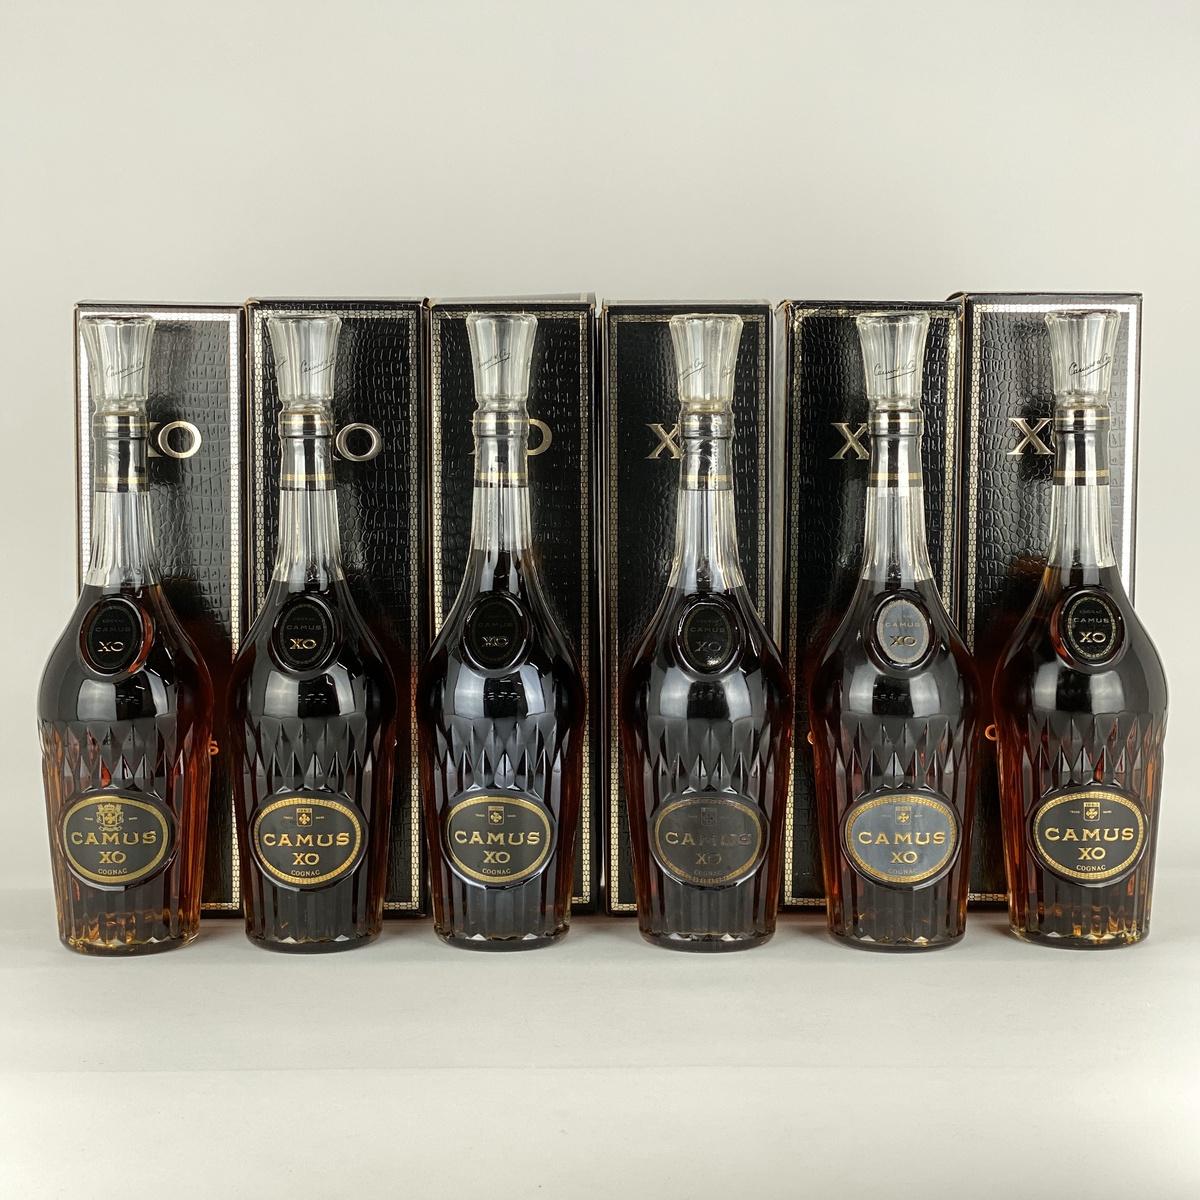 カミュ CAMU XO ロングネック 6本セット 700ml ブランデー セット 【古酒】